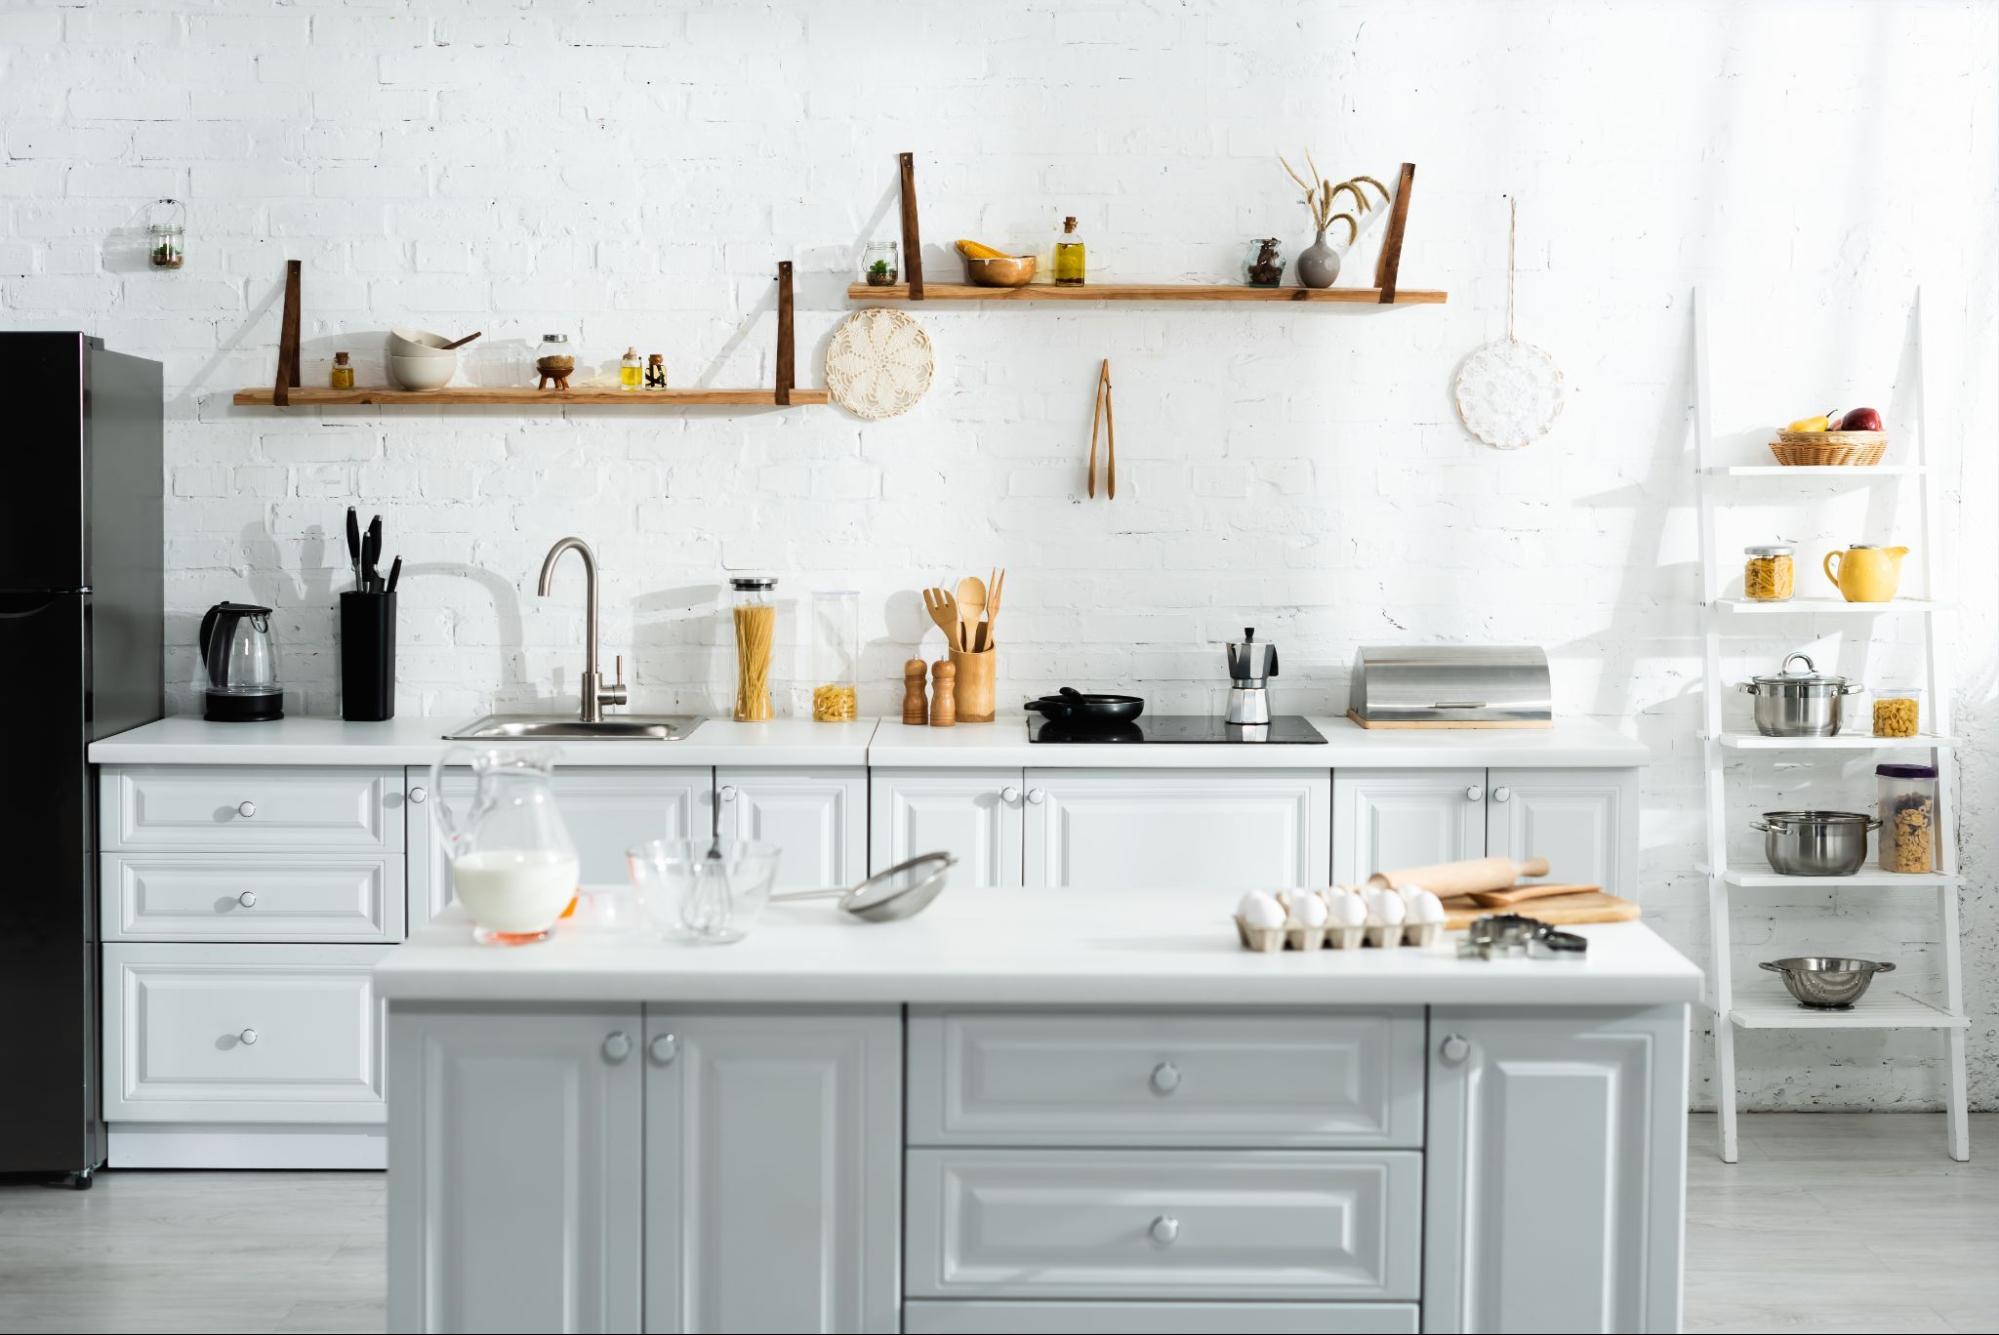 【事例付き】センスが良いキッチンインテリアはこうして作る!コーディネートのポイントを解説